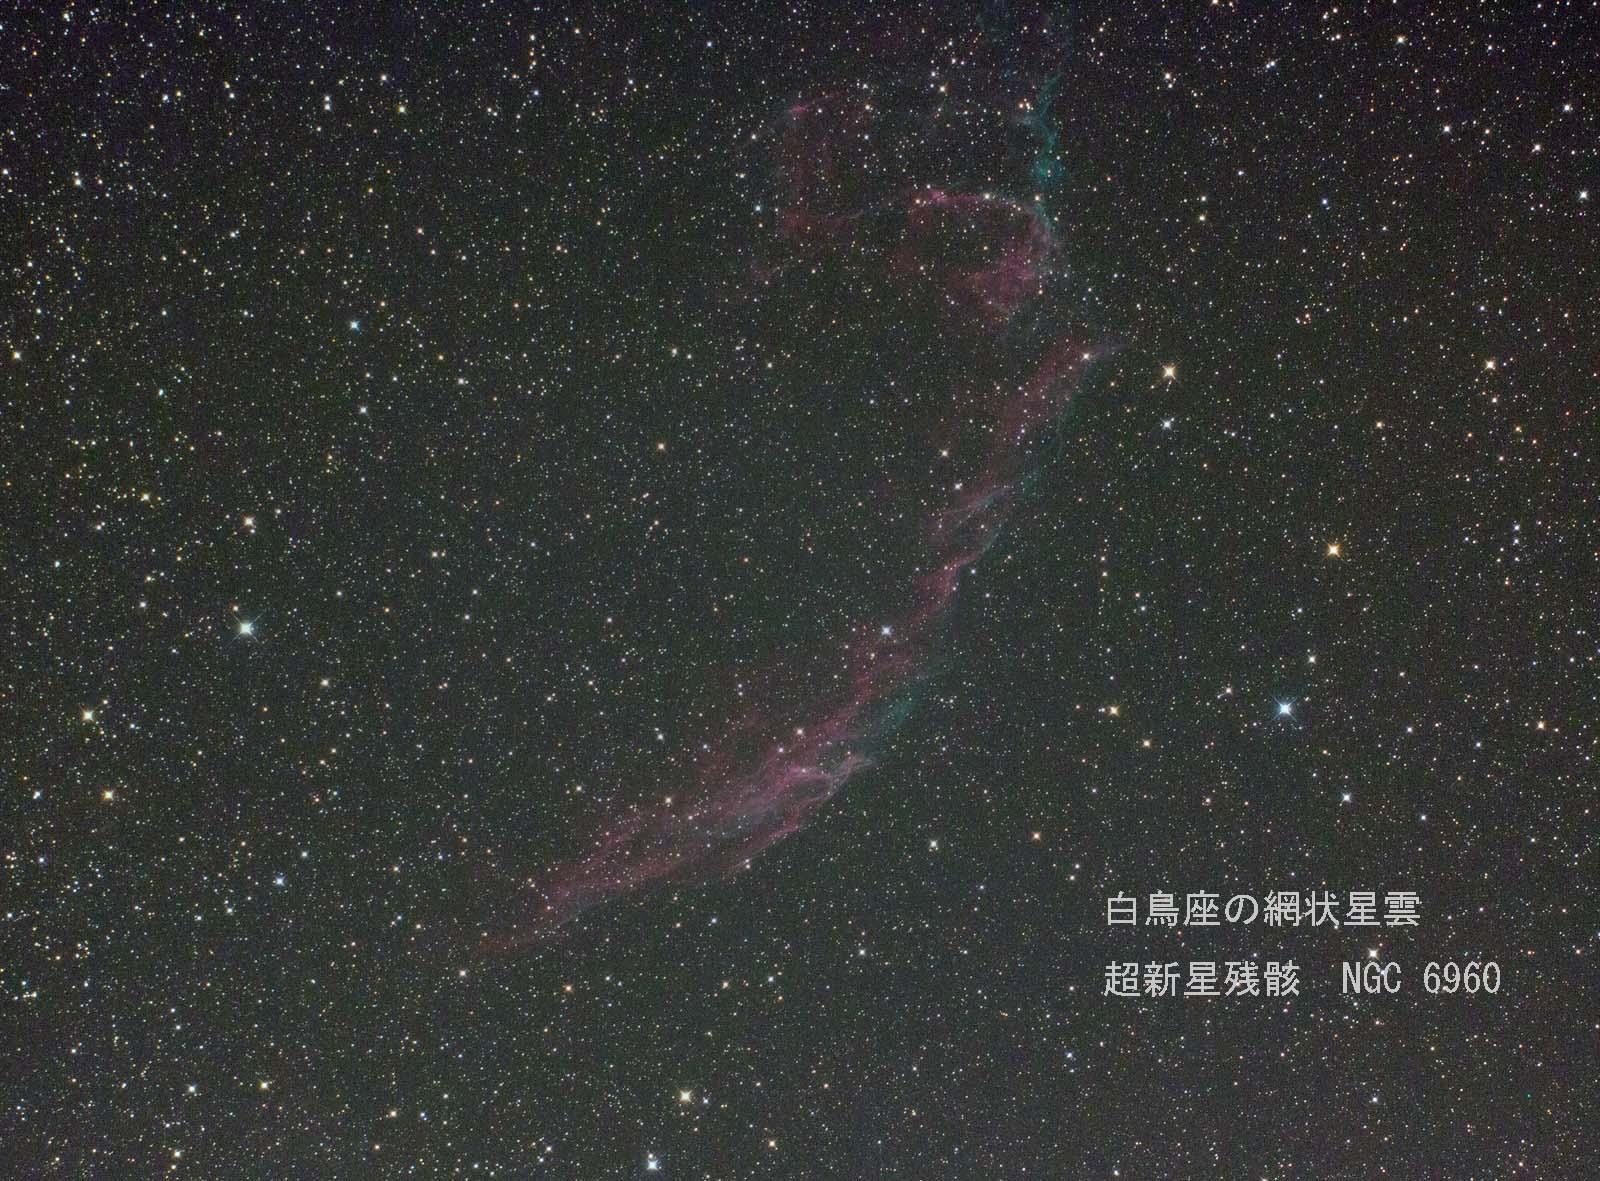 久しぶりの快晴_e0174091_15534999.jpg